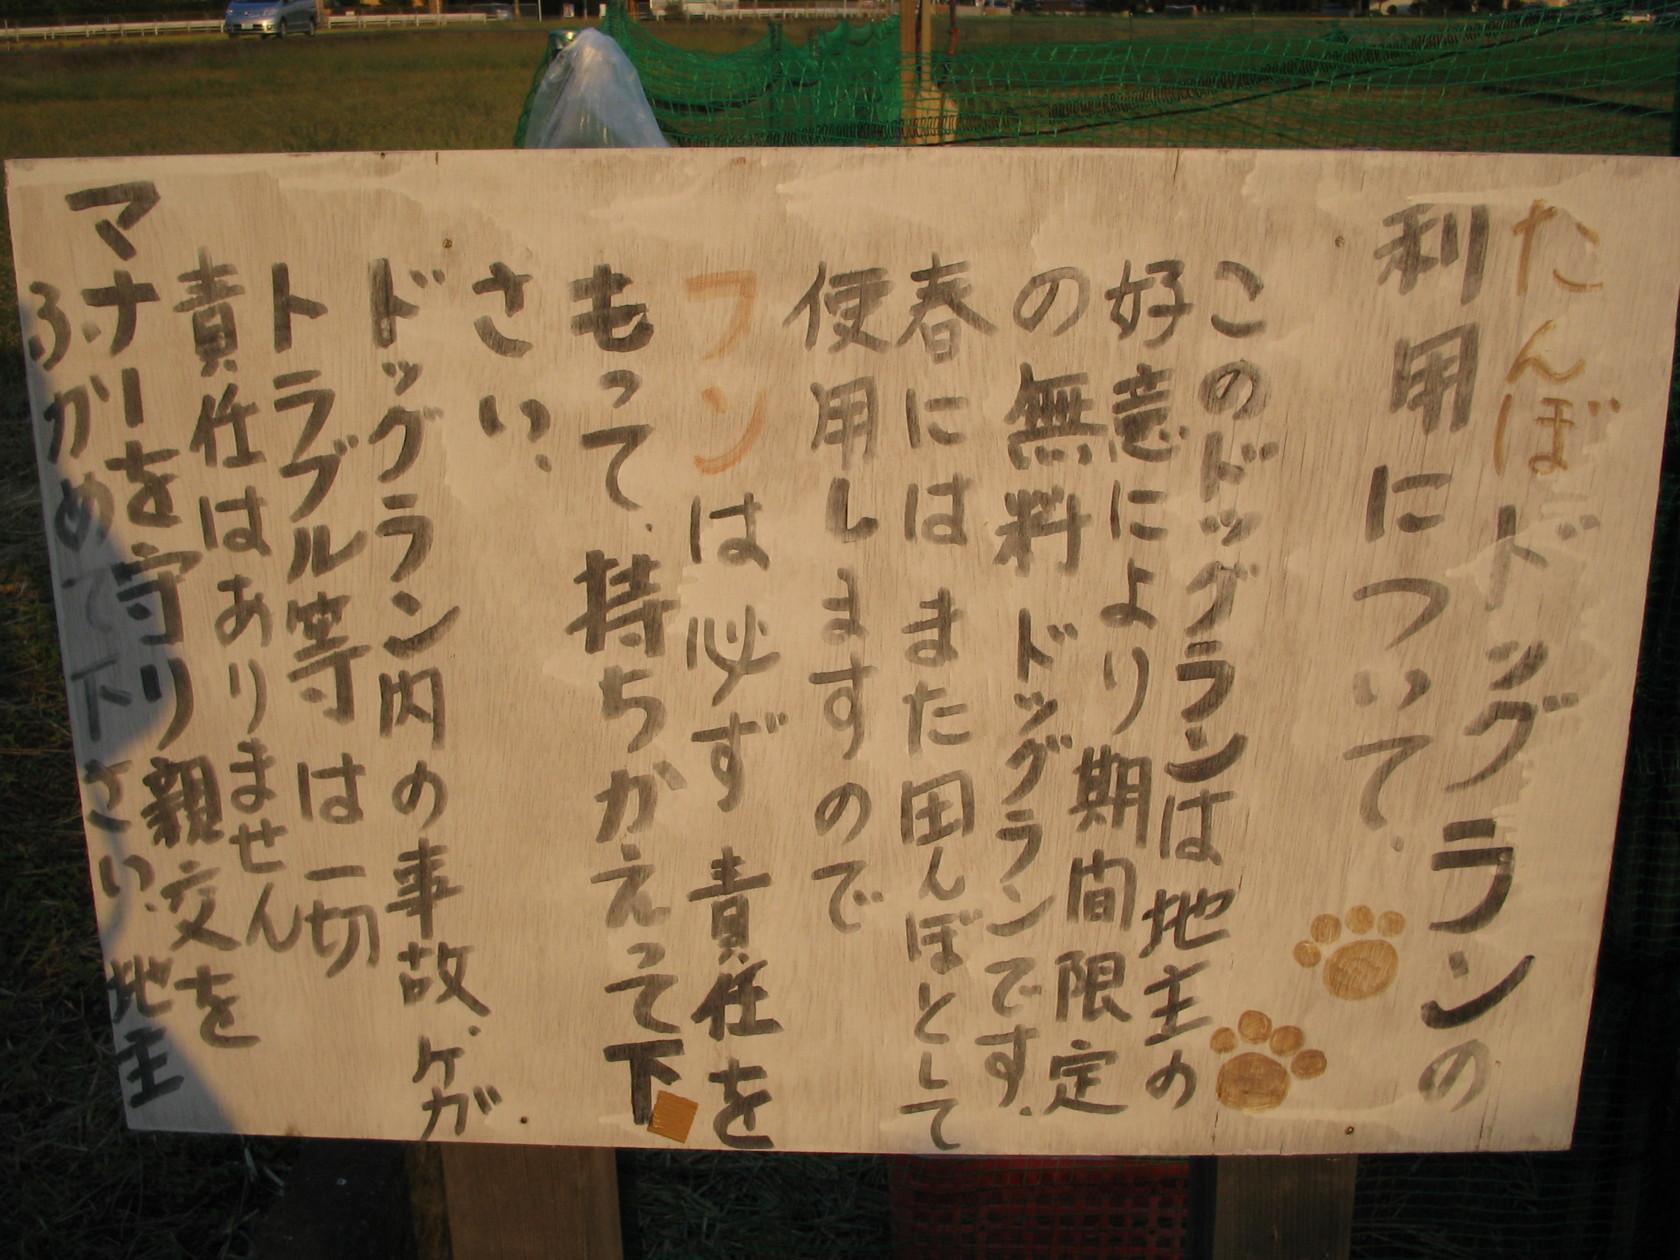 長津田のドッグラン